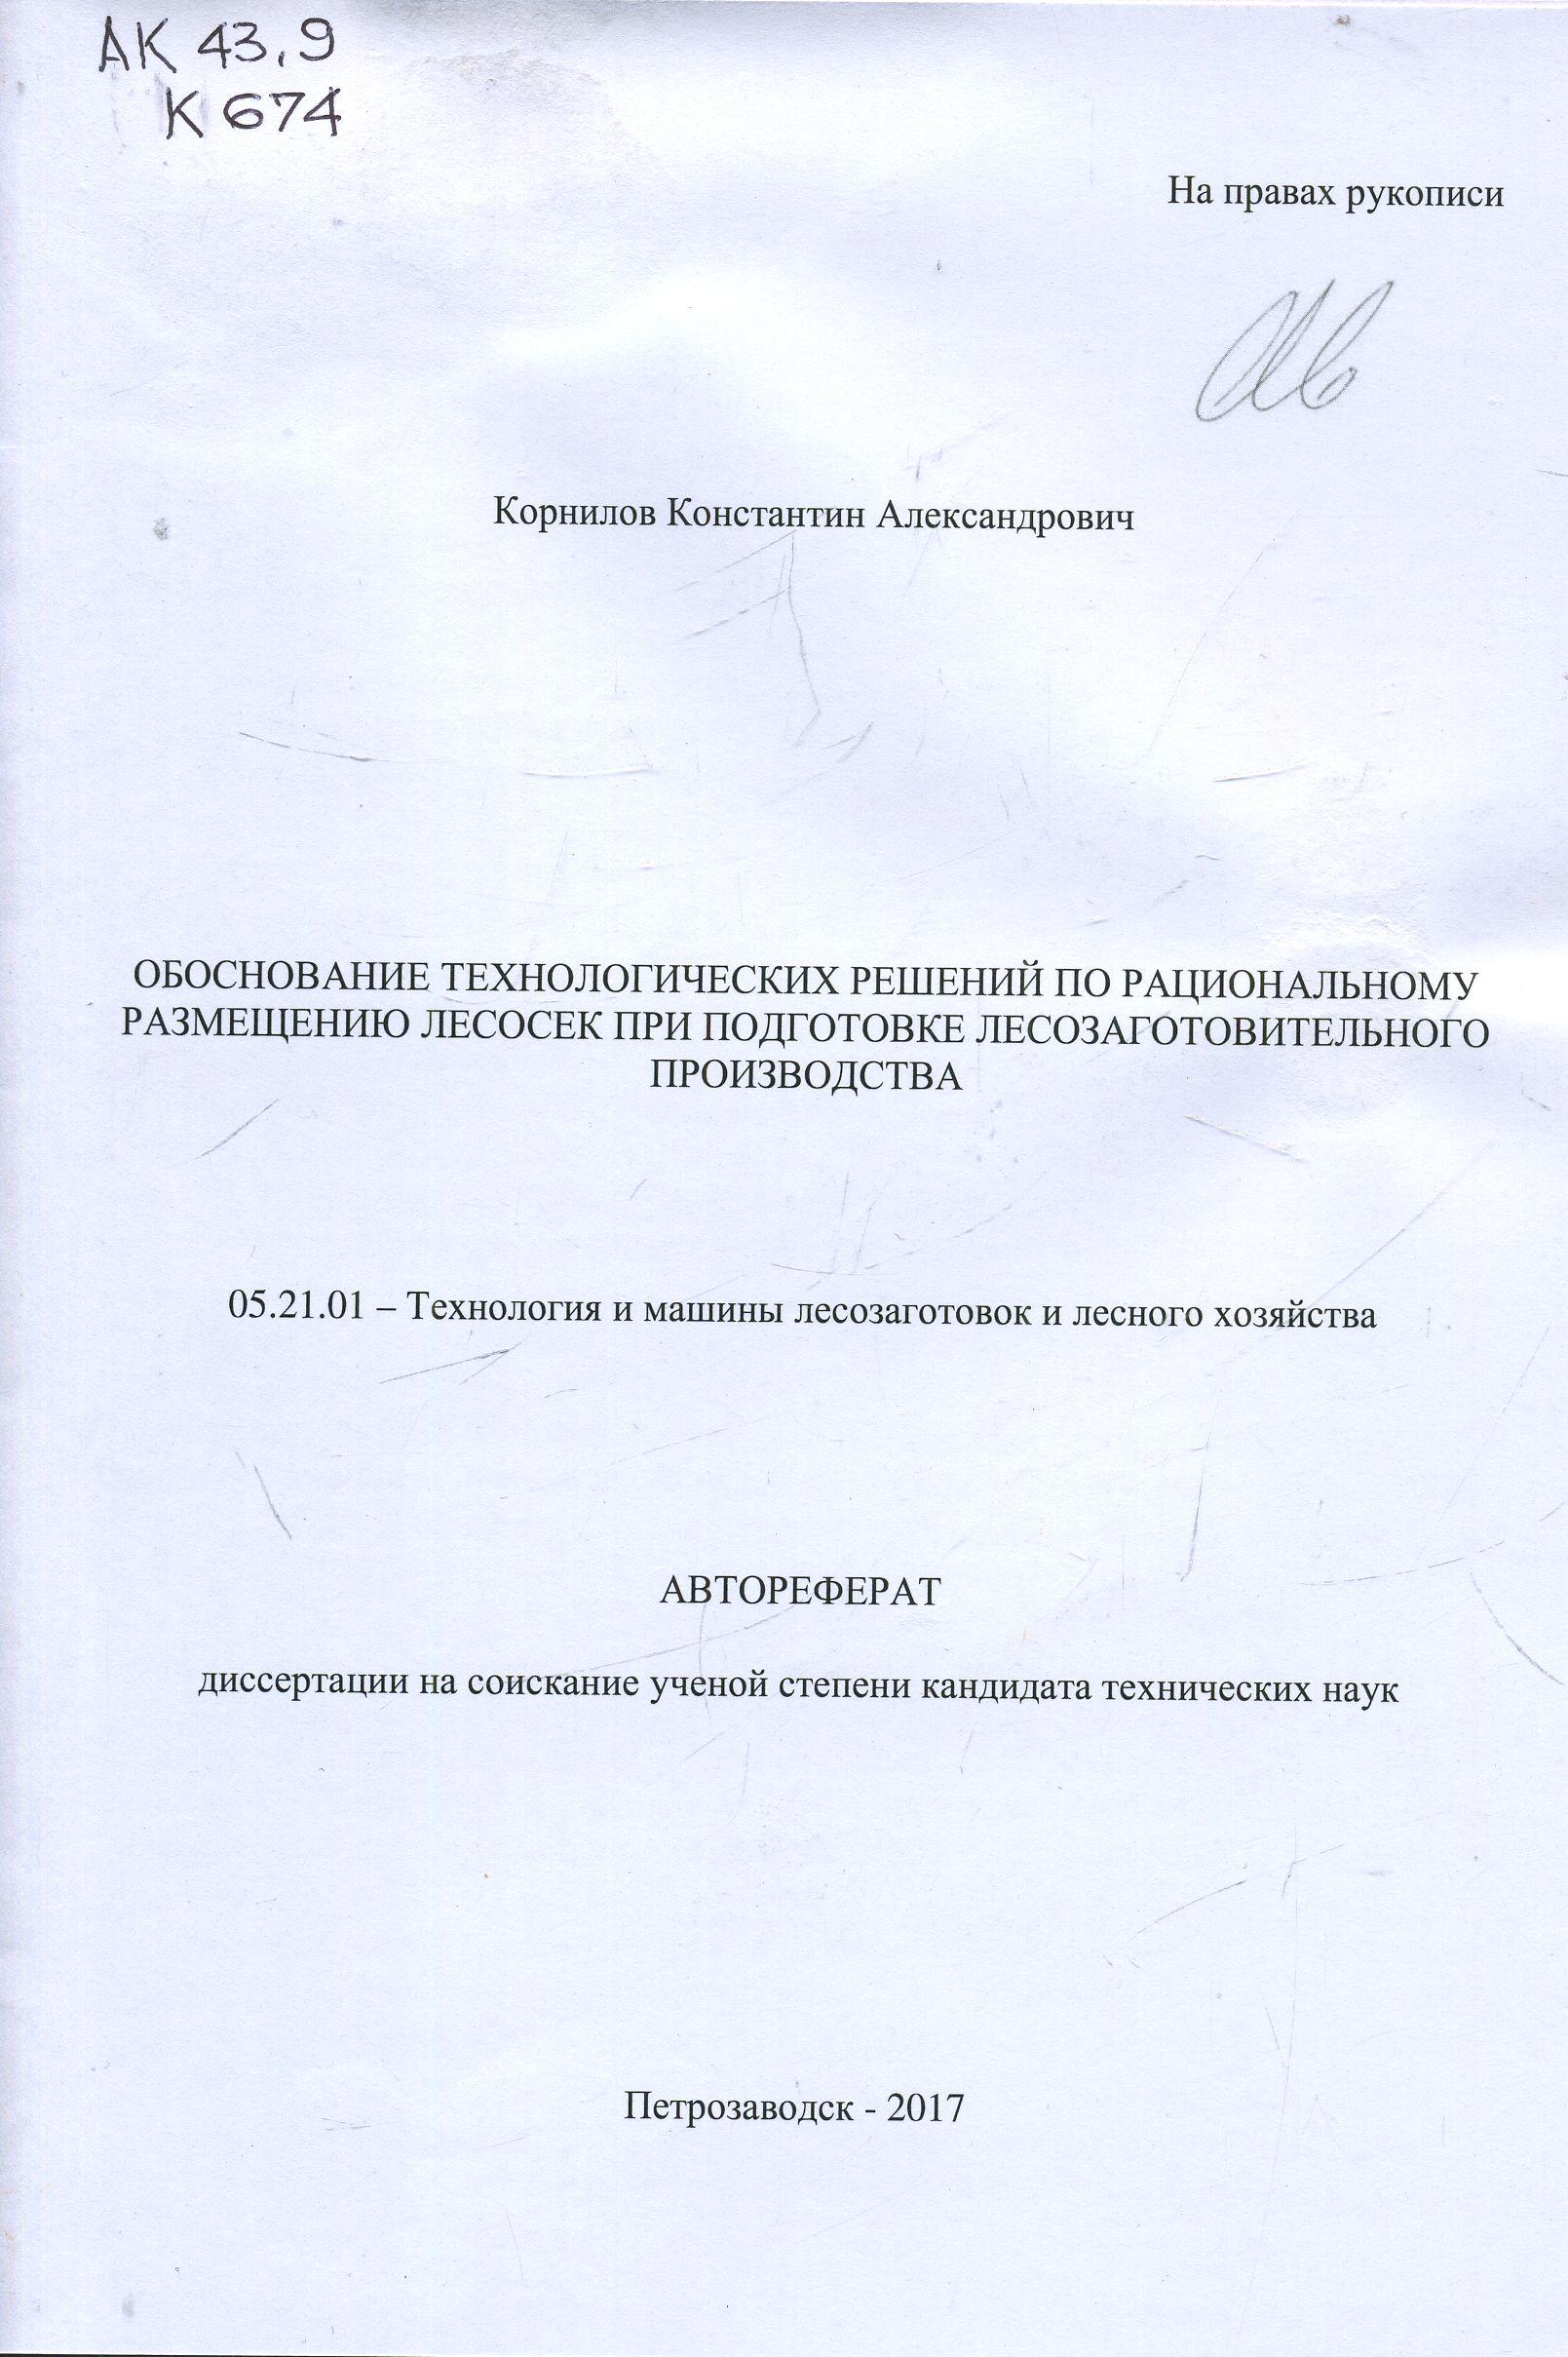 Национальная библиотека Республики Карелия  по рациональному размещению лесосек при подготовке лесозаготовительного производства автореферат диссертации кандидата технических наук 05 21 01